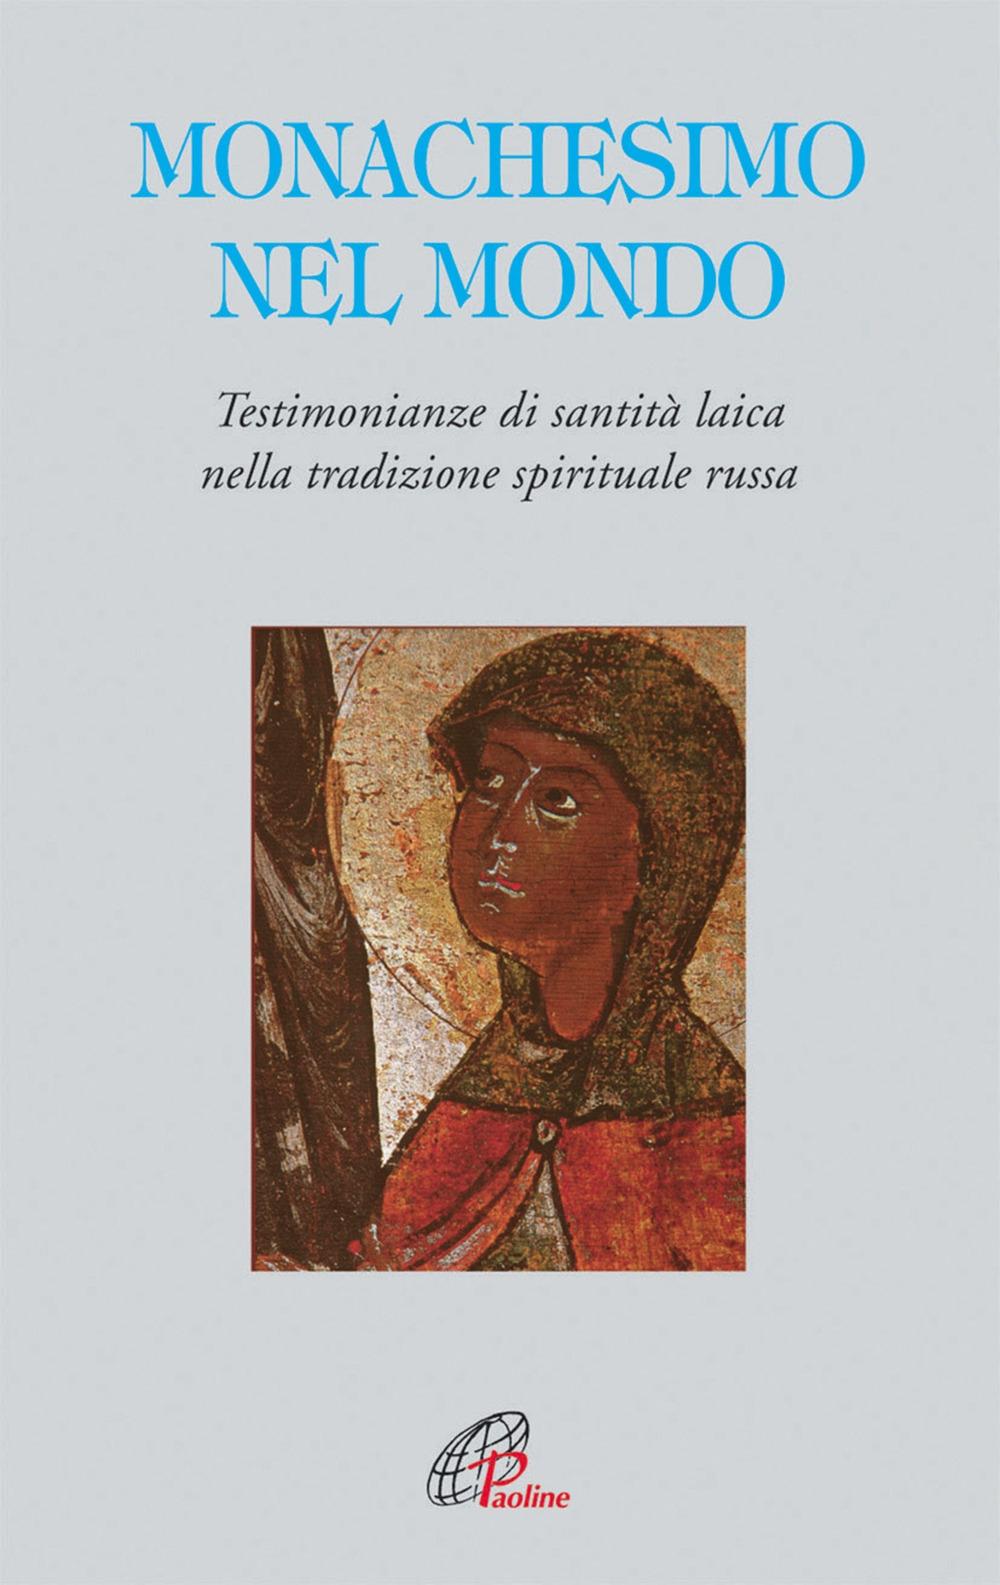 Monachesimo e mondo. Testimonianze di santità laica nella tradizione spirituale russa